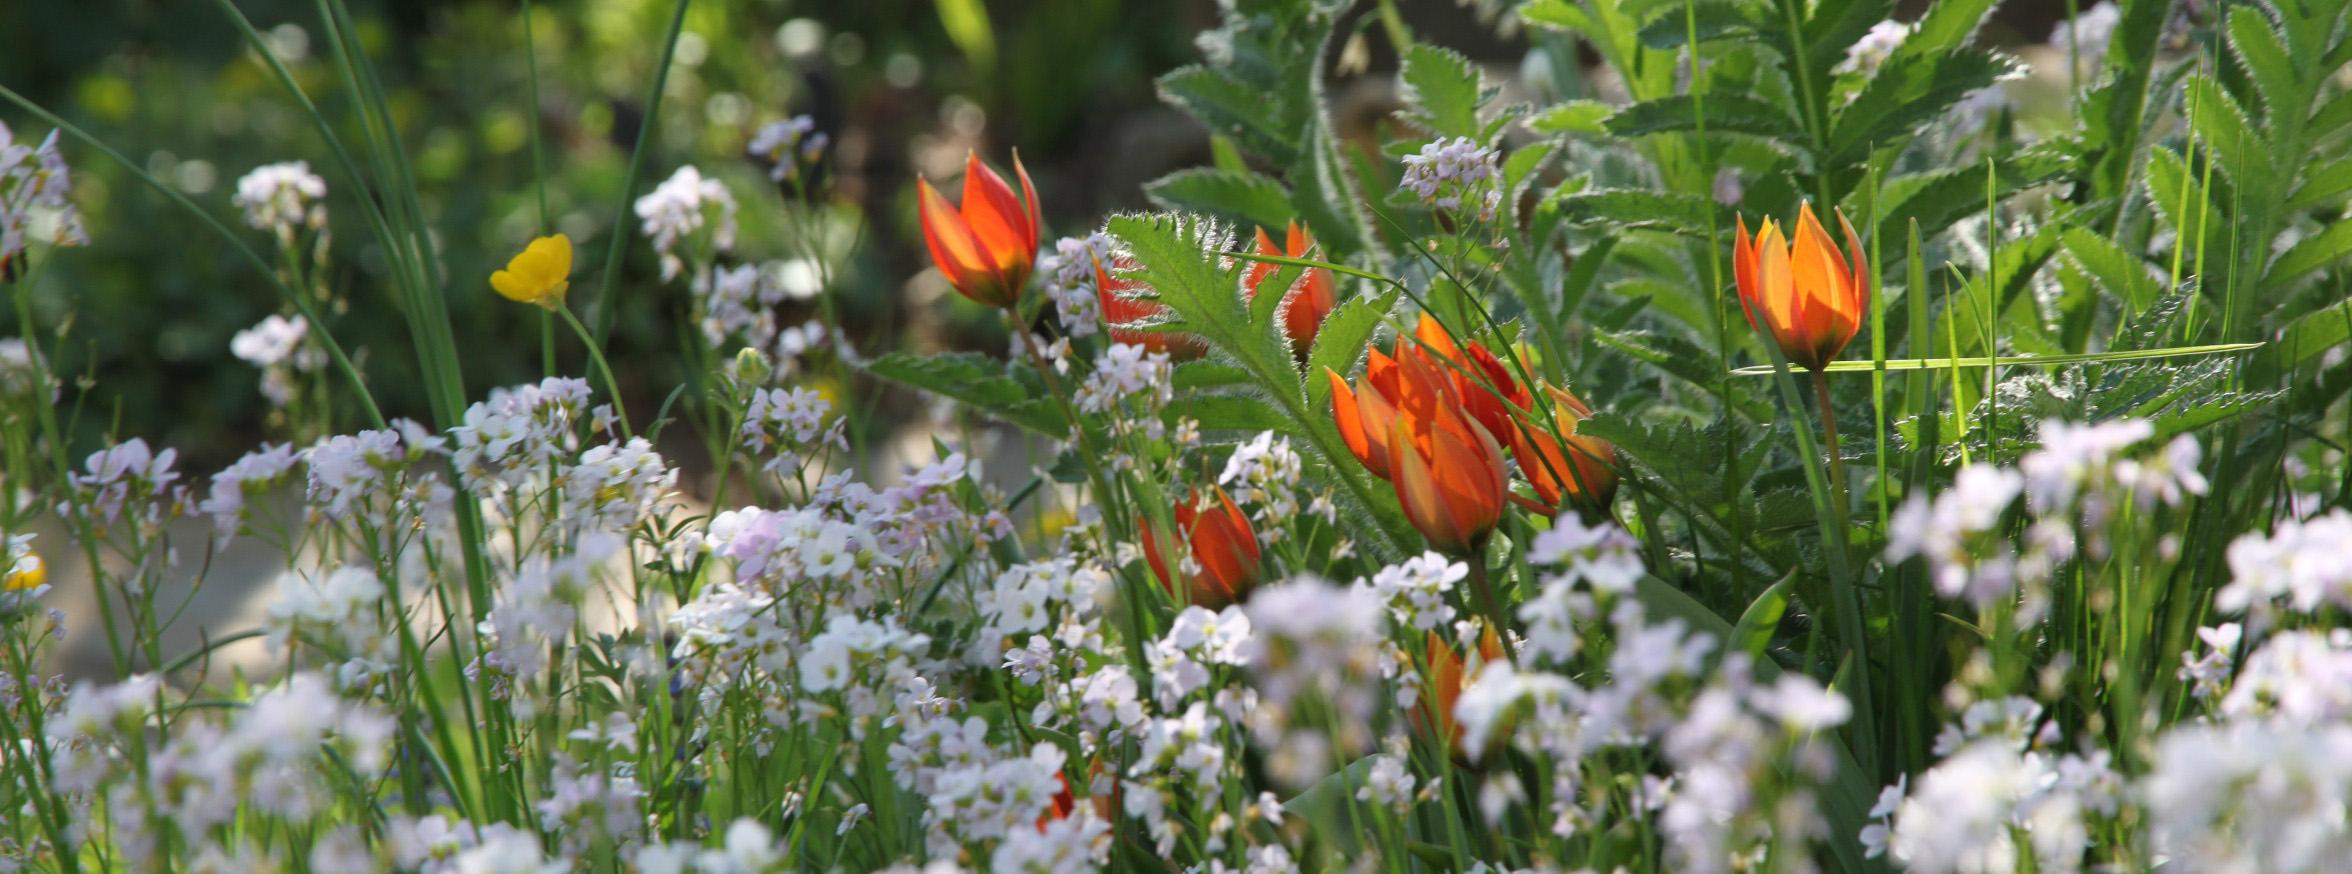 Wildtulpen im Garten